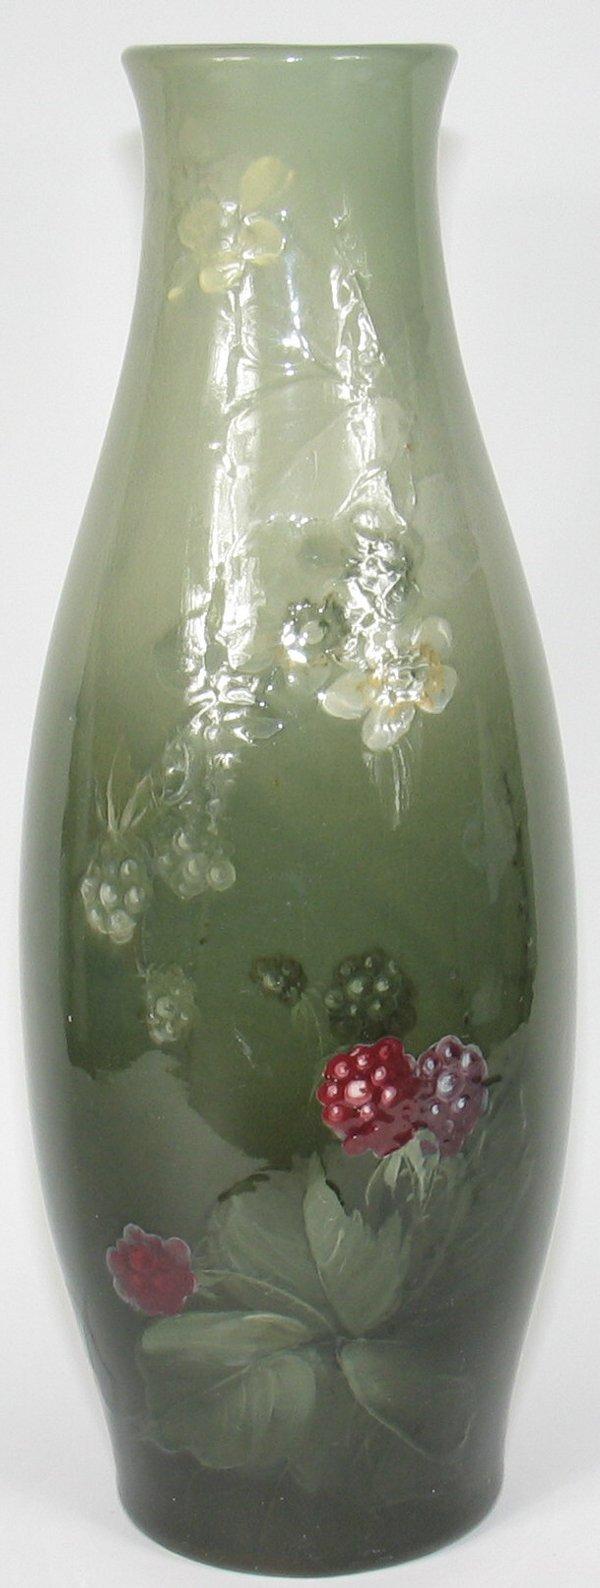 """183: Weller Eocean 15 3/8"""" Vase by McLaughlin"""